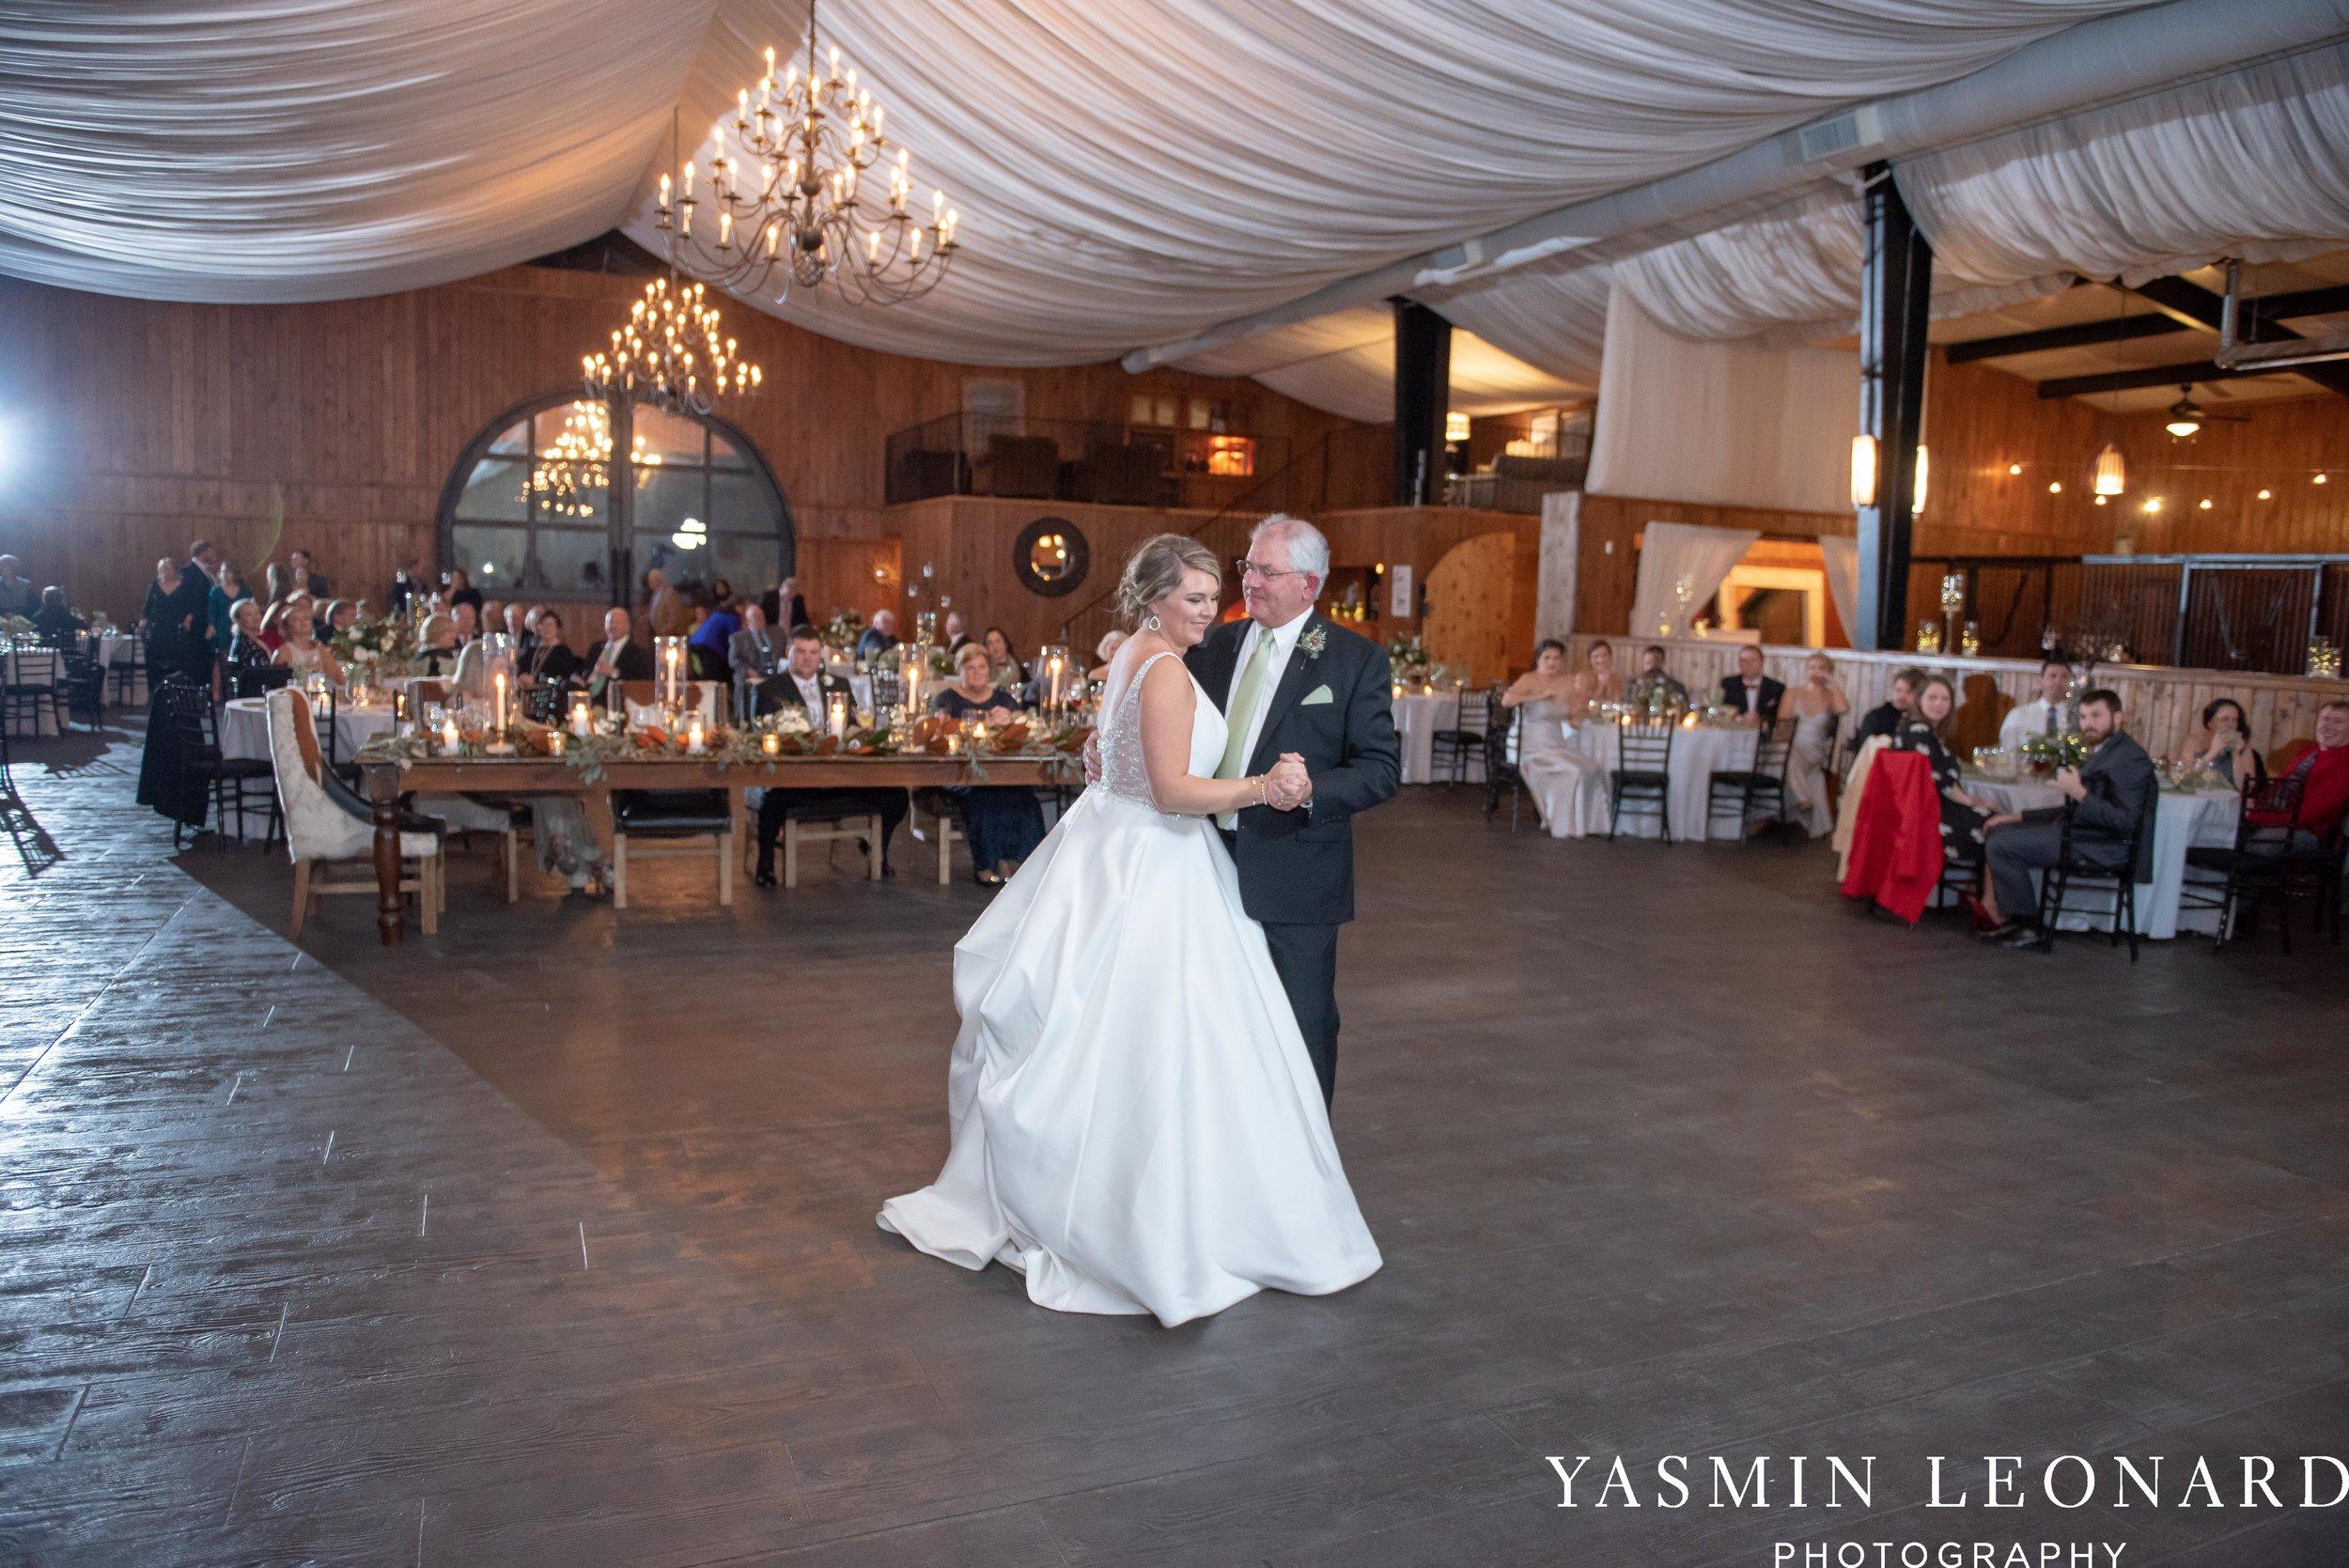 Adaumont Farm - Wesley Memorial Weddings - High Point Weddings - Just Priceless - NC Wedding Photographer - Yasmin Leonard Photography - High Point Wedding Vendors-61.jpg